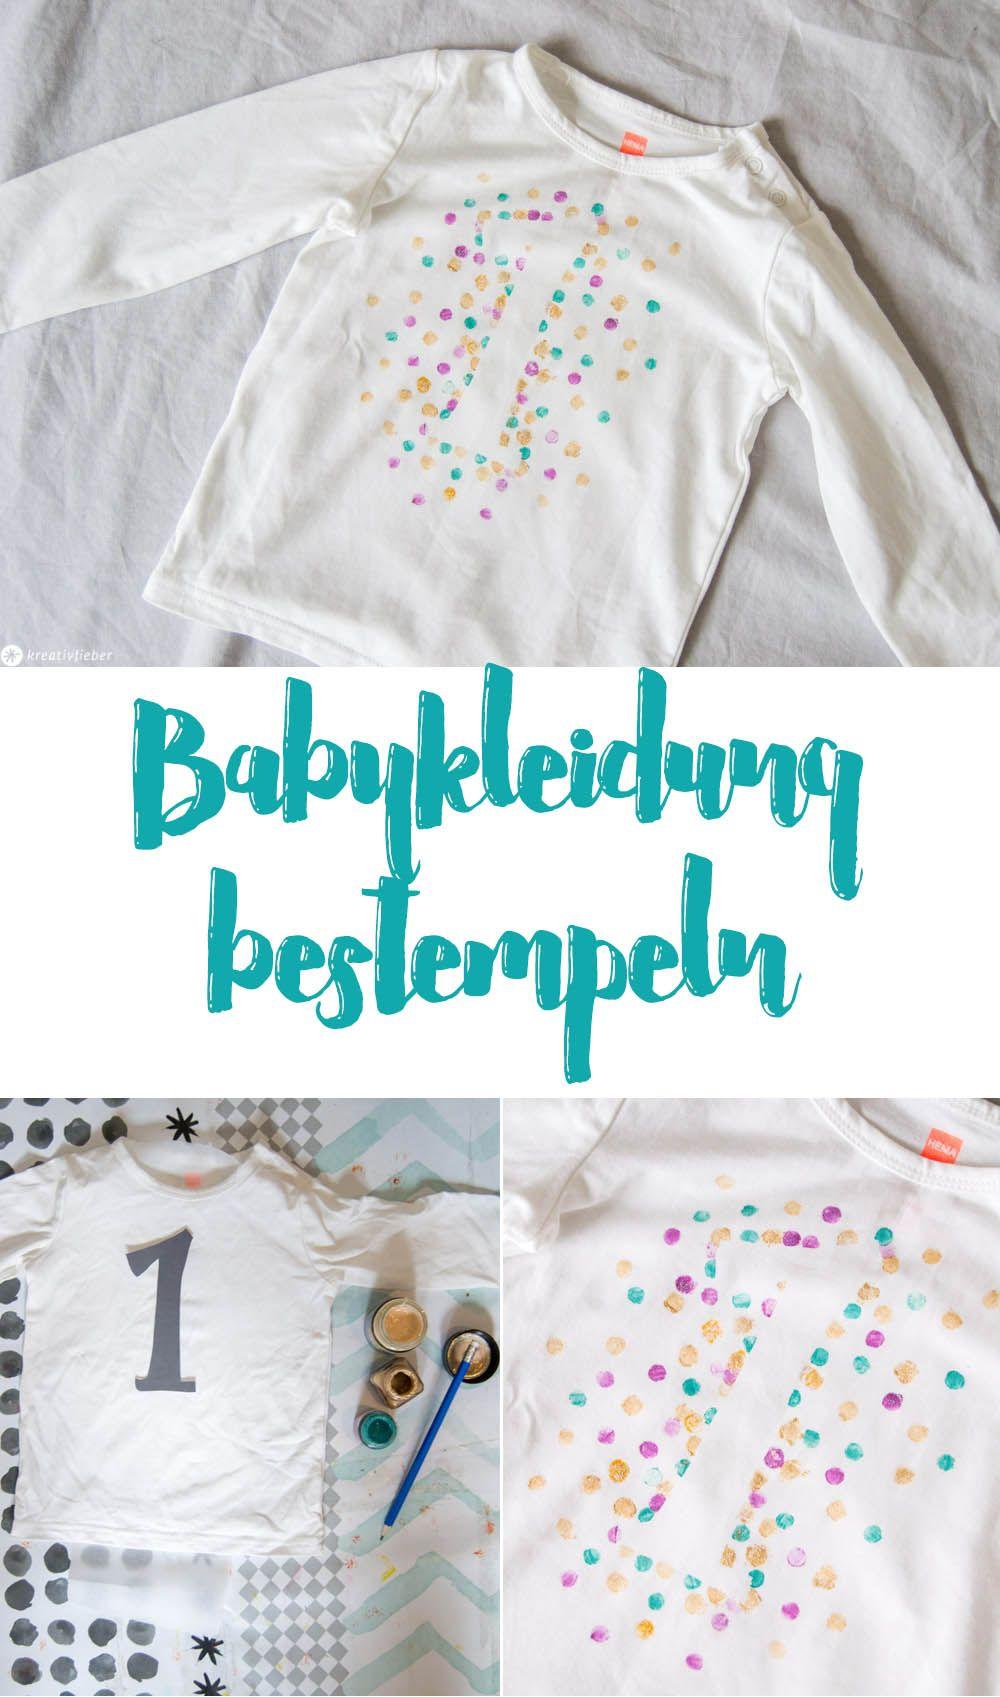 Babykleidung Bemalen Fur Den 1 Geburtstag Punkteshirt Stempeln